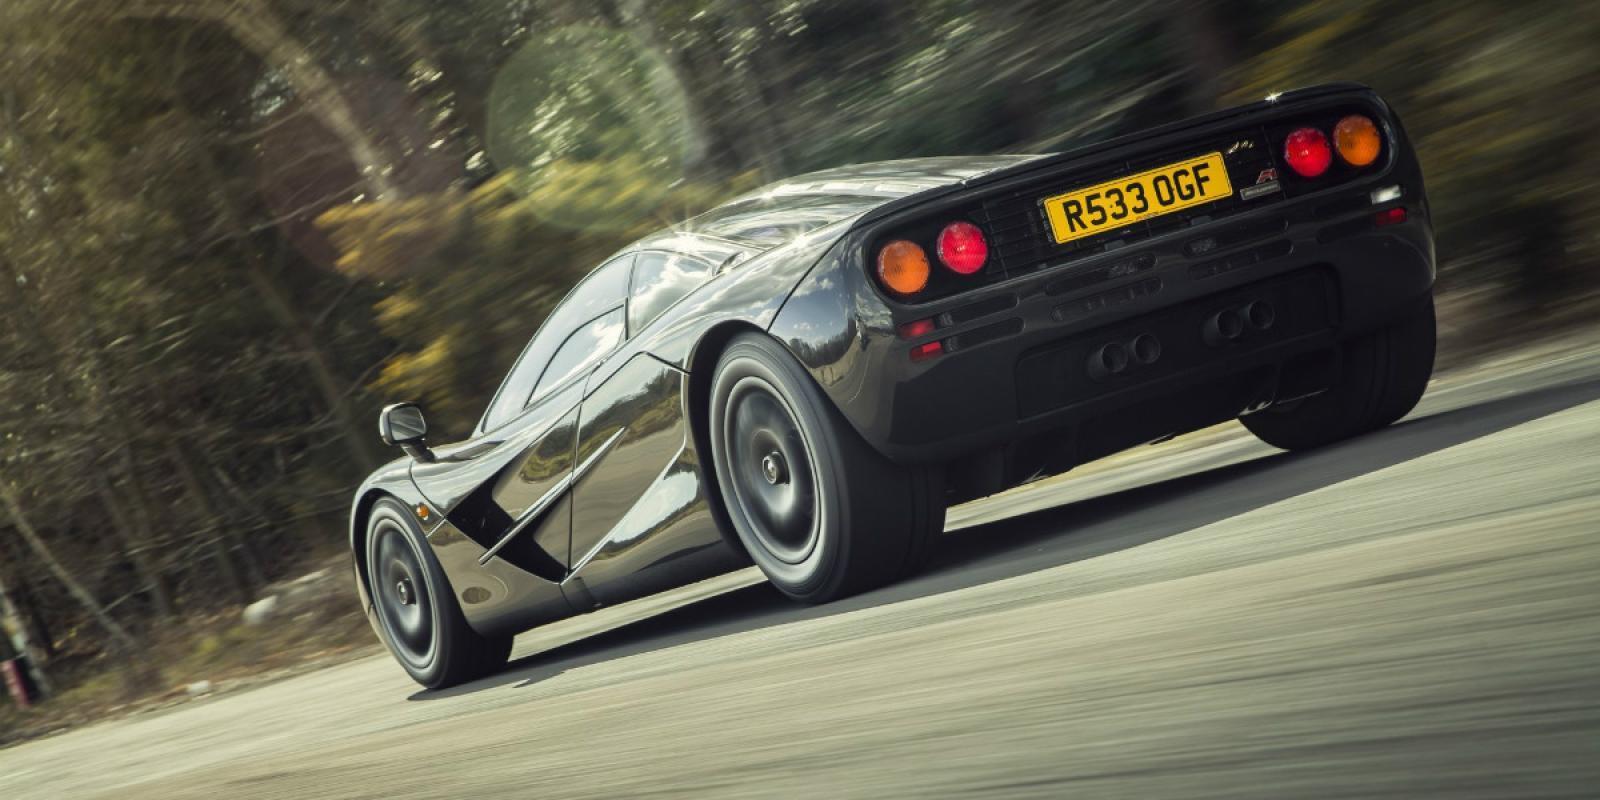 des-voitures-plus-rapides-et-a-la-silhouette-plus-agressive-q-une-formule-1-regardez-ceci-684-1.jpg